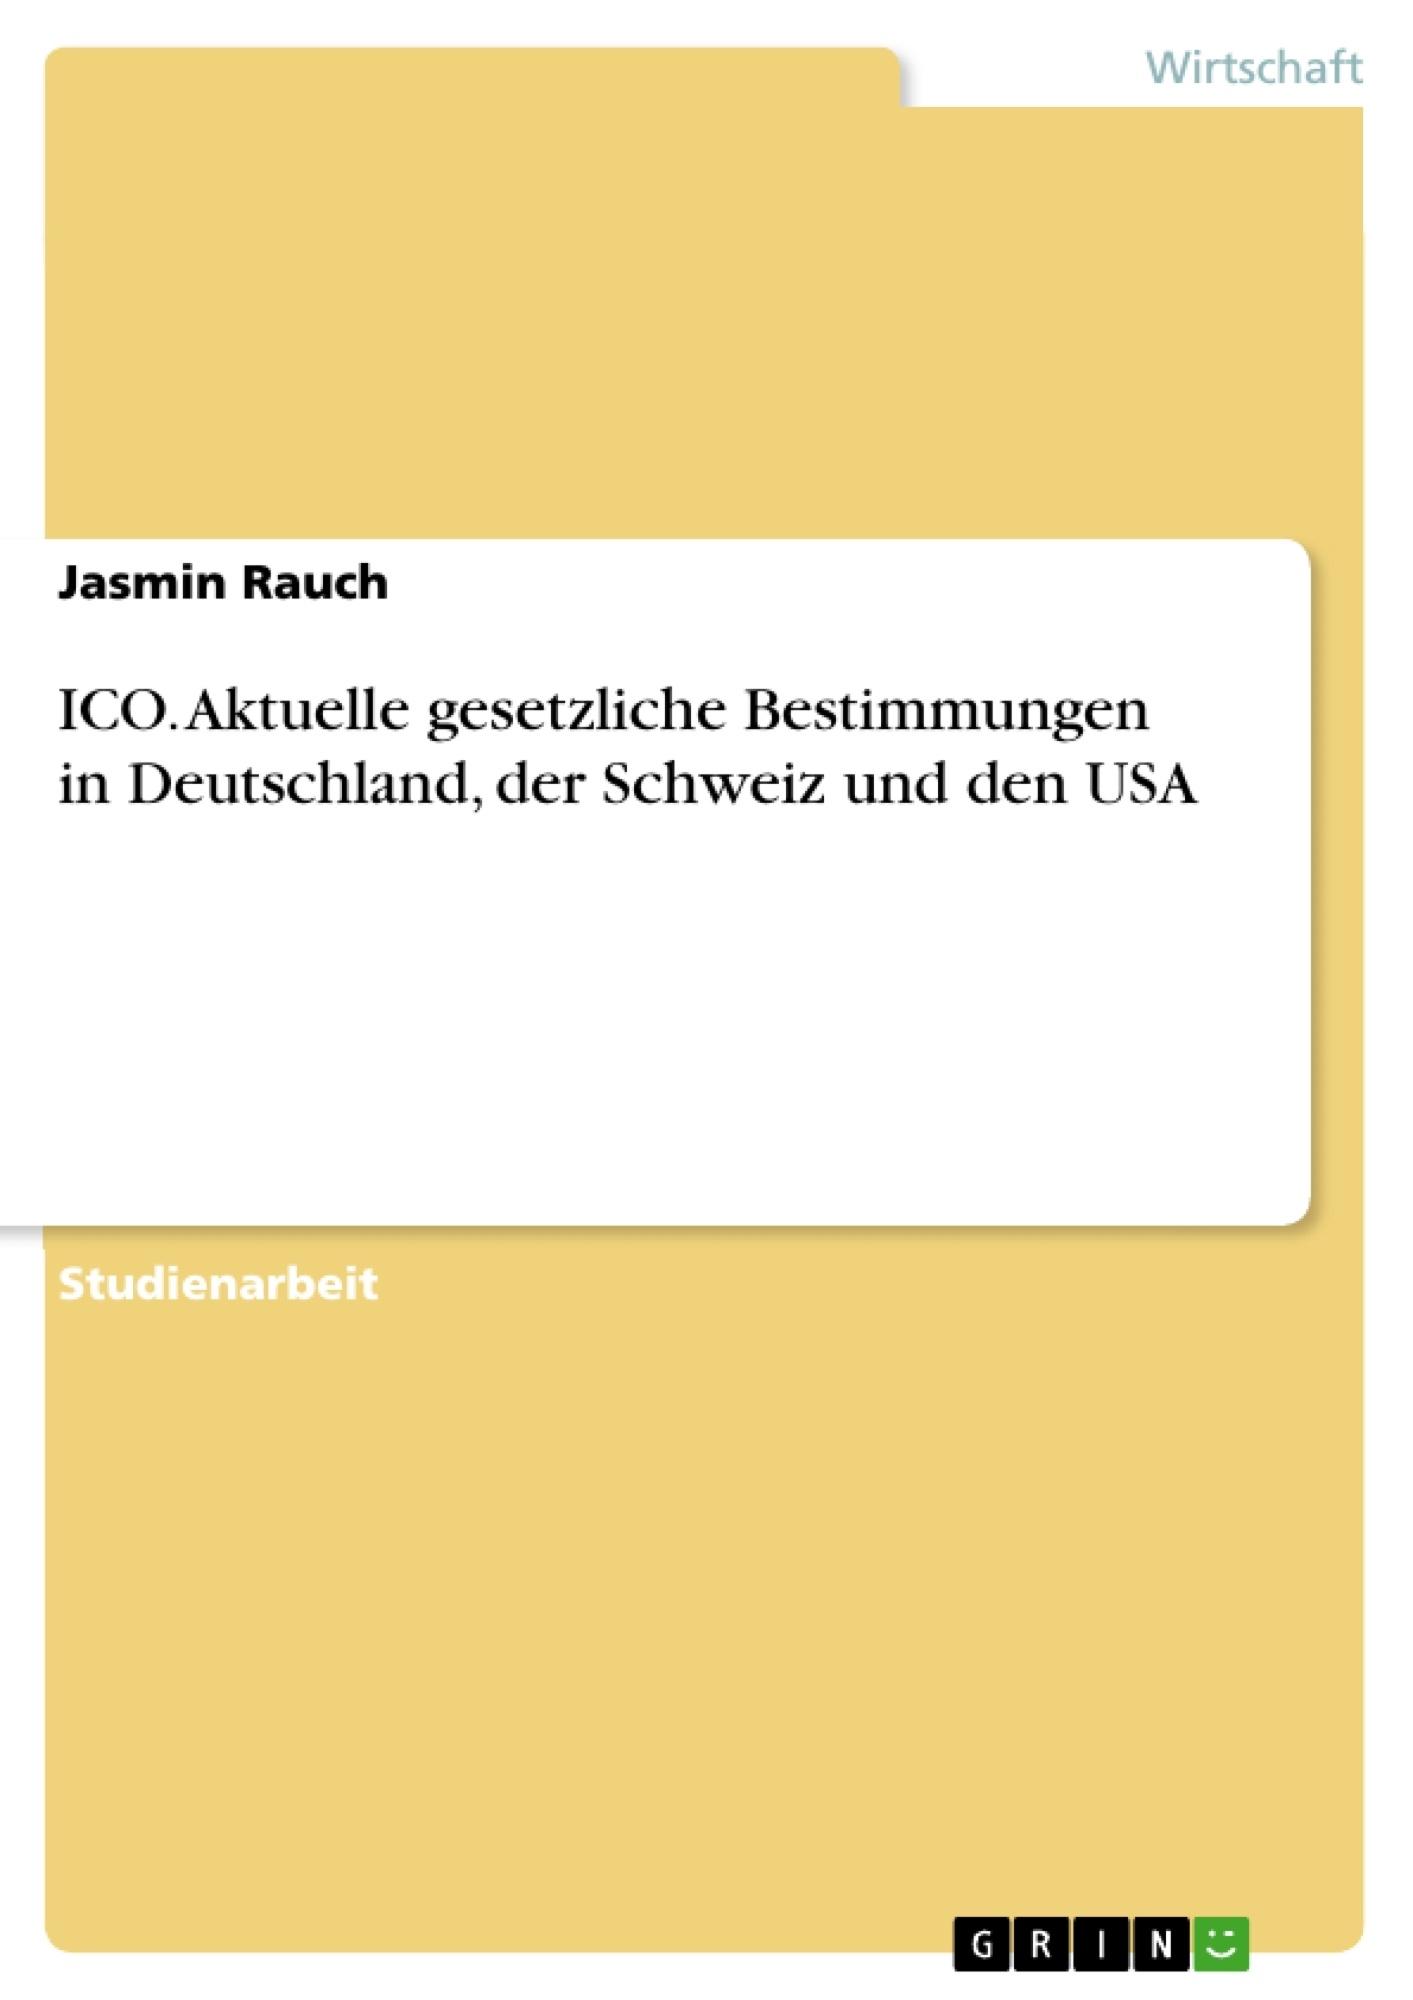 Titel: ICO. Aktuelle gesetzliche Bestimmungen in Deutschland, der Schweiz und den USA